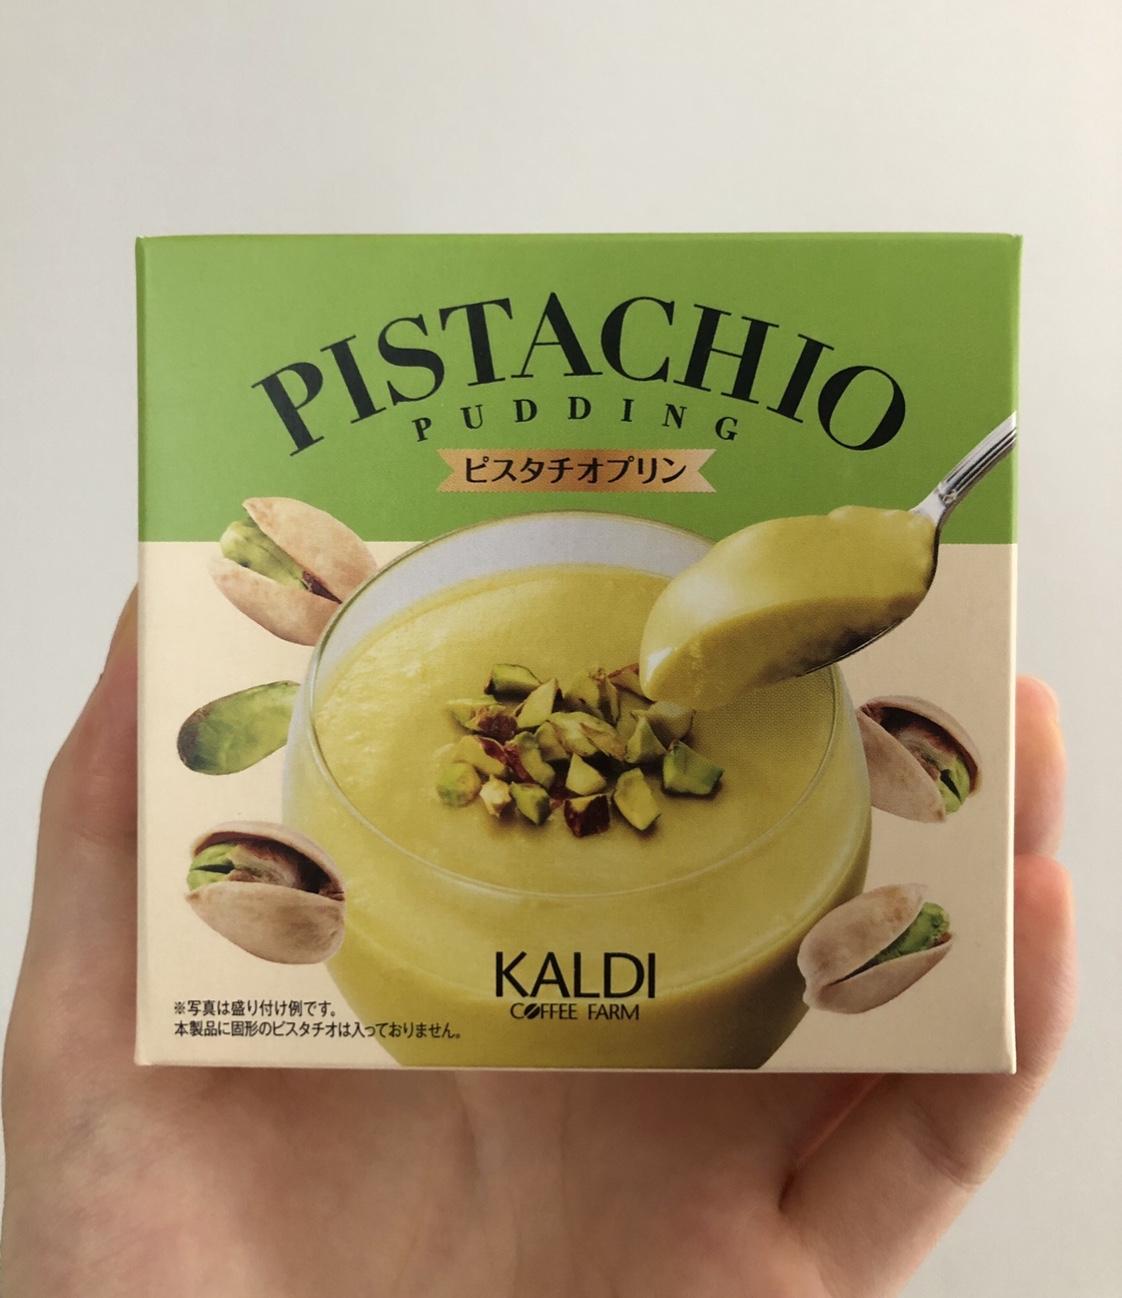 【ピスタチオ好き必見!】KALDIのピスタチオプリン_1